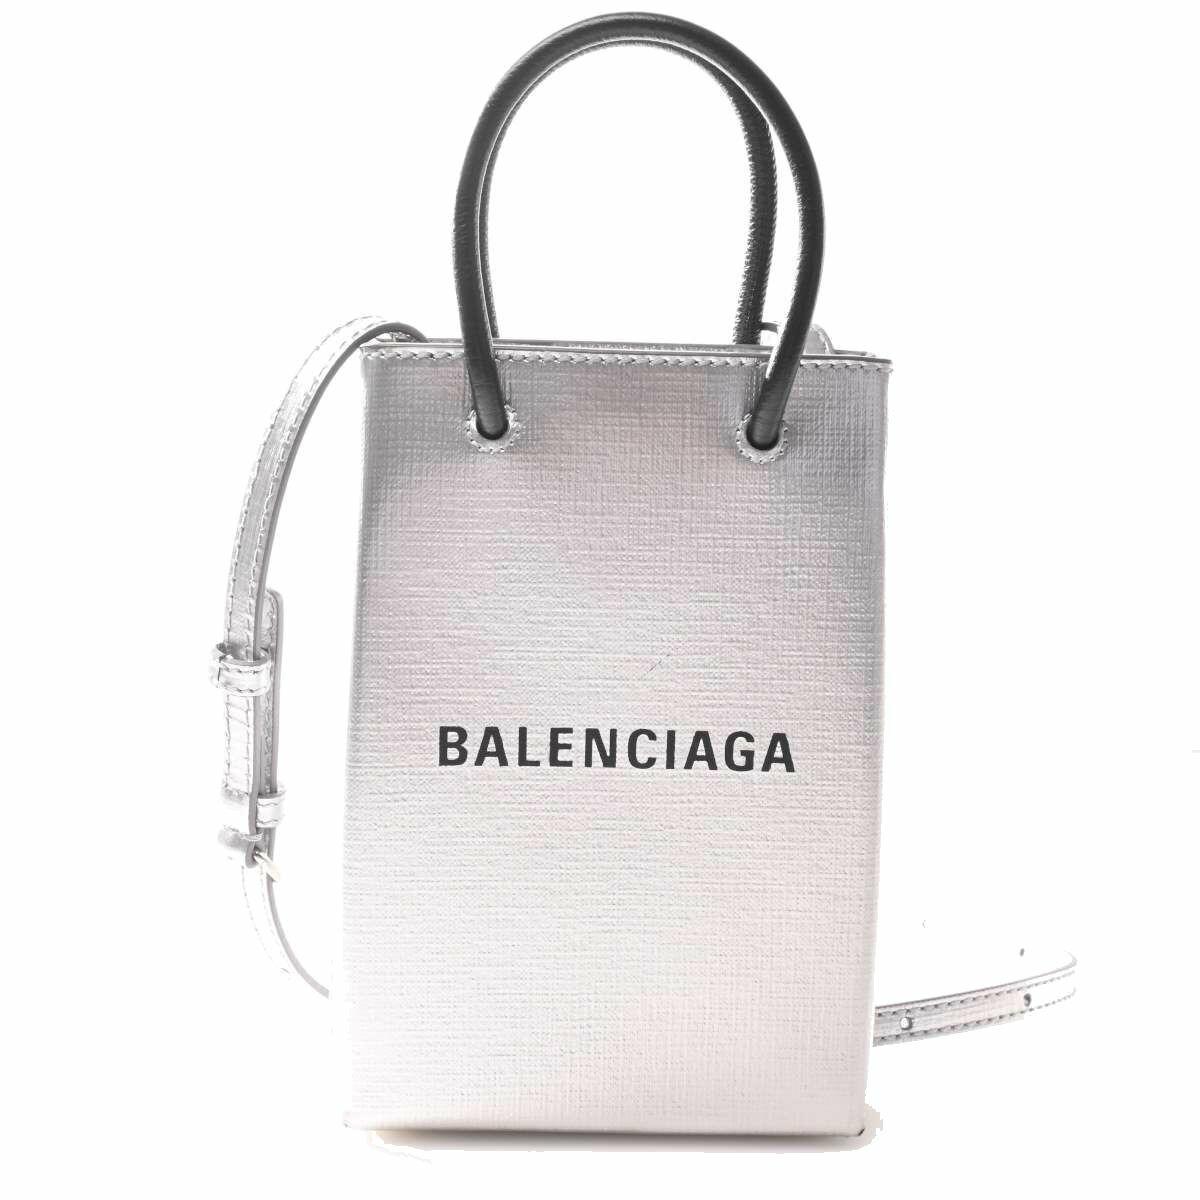 Balenciaga Leather Shopping Phone Holder Bag Handbag Silver